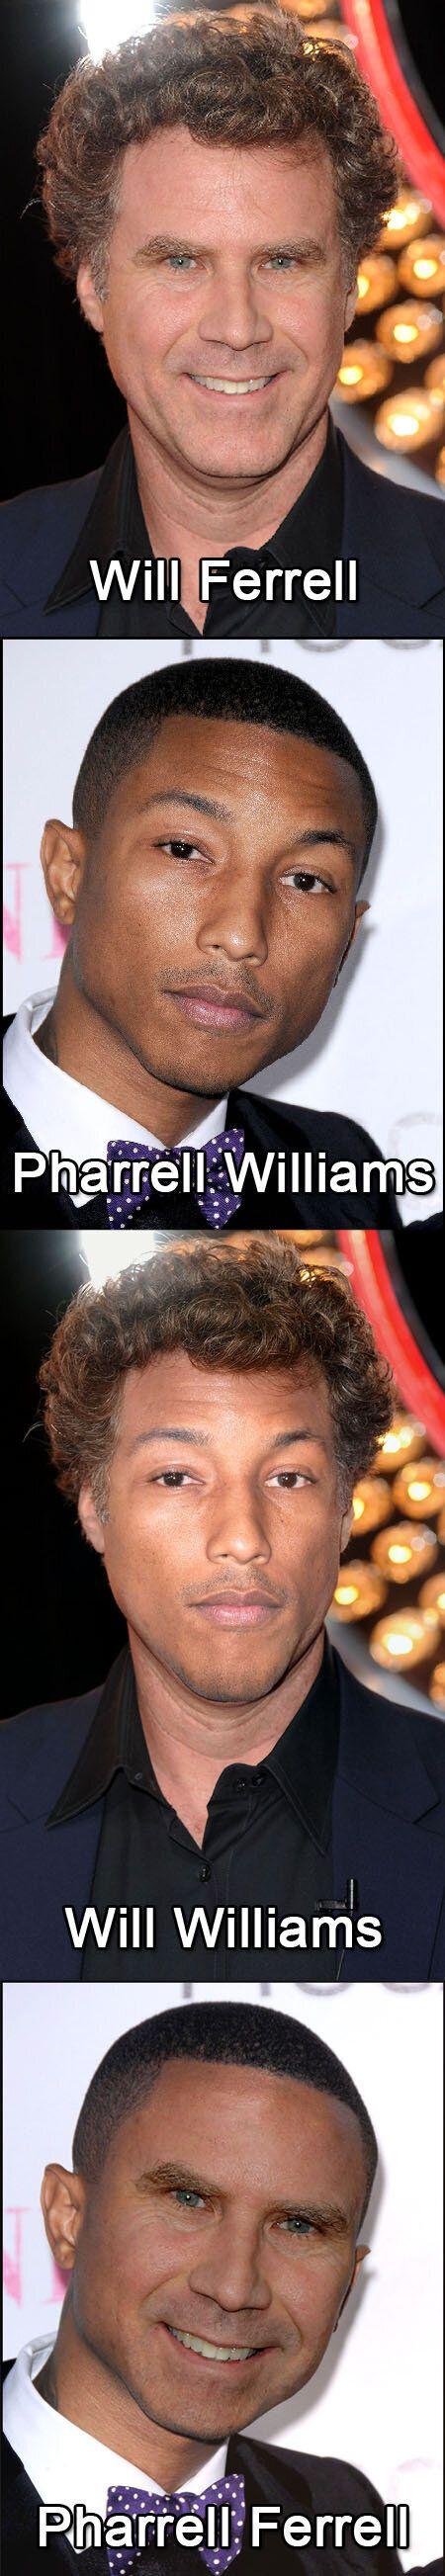 Will Ferrell et Pharrell Williams : un air de déjà